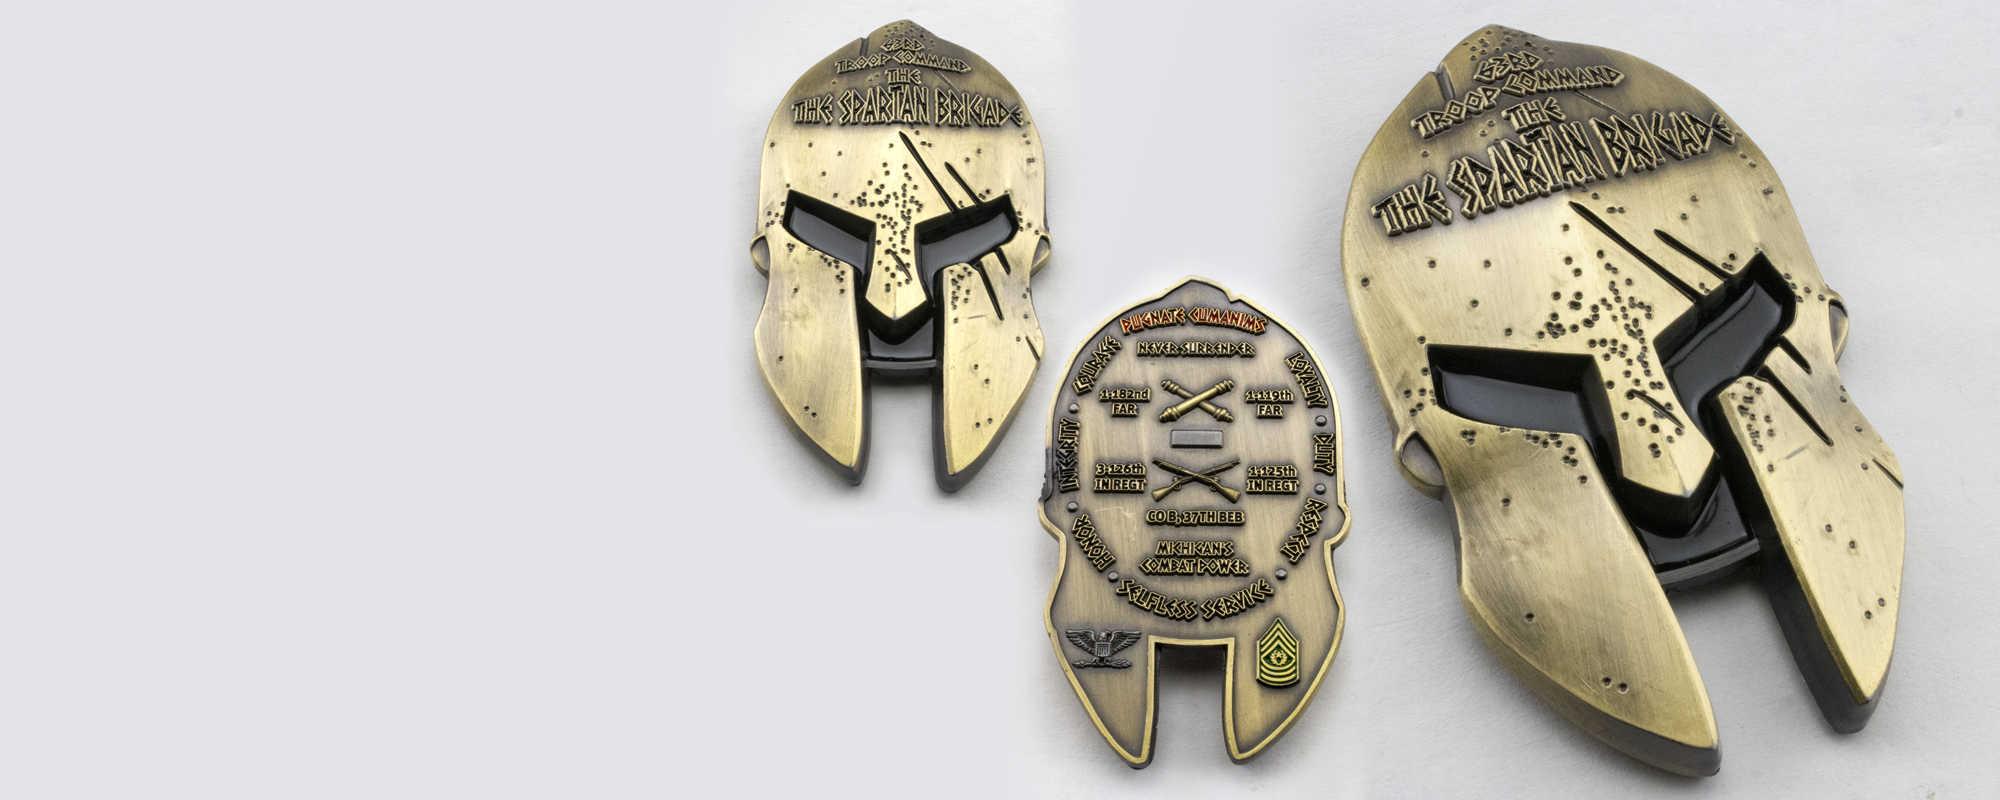 spartan-challenge-coin-blog-header